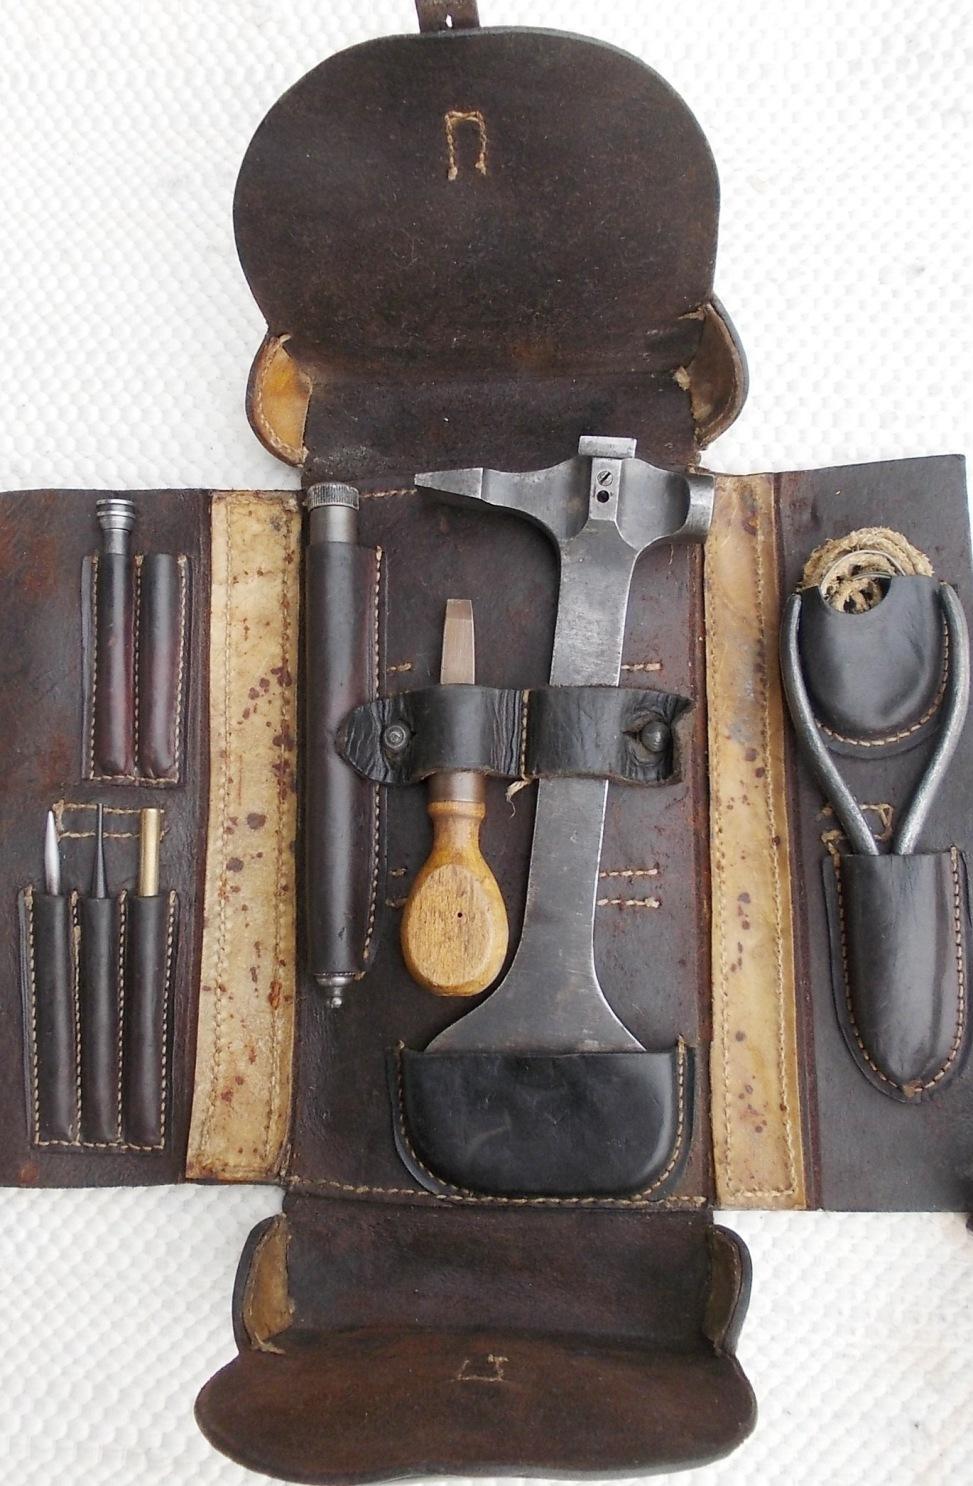 WerkzeugtascheN%20innenhp.jpg